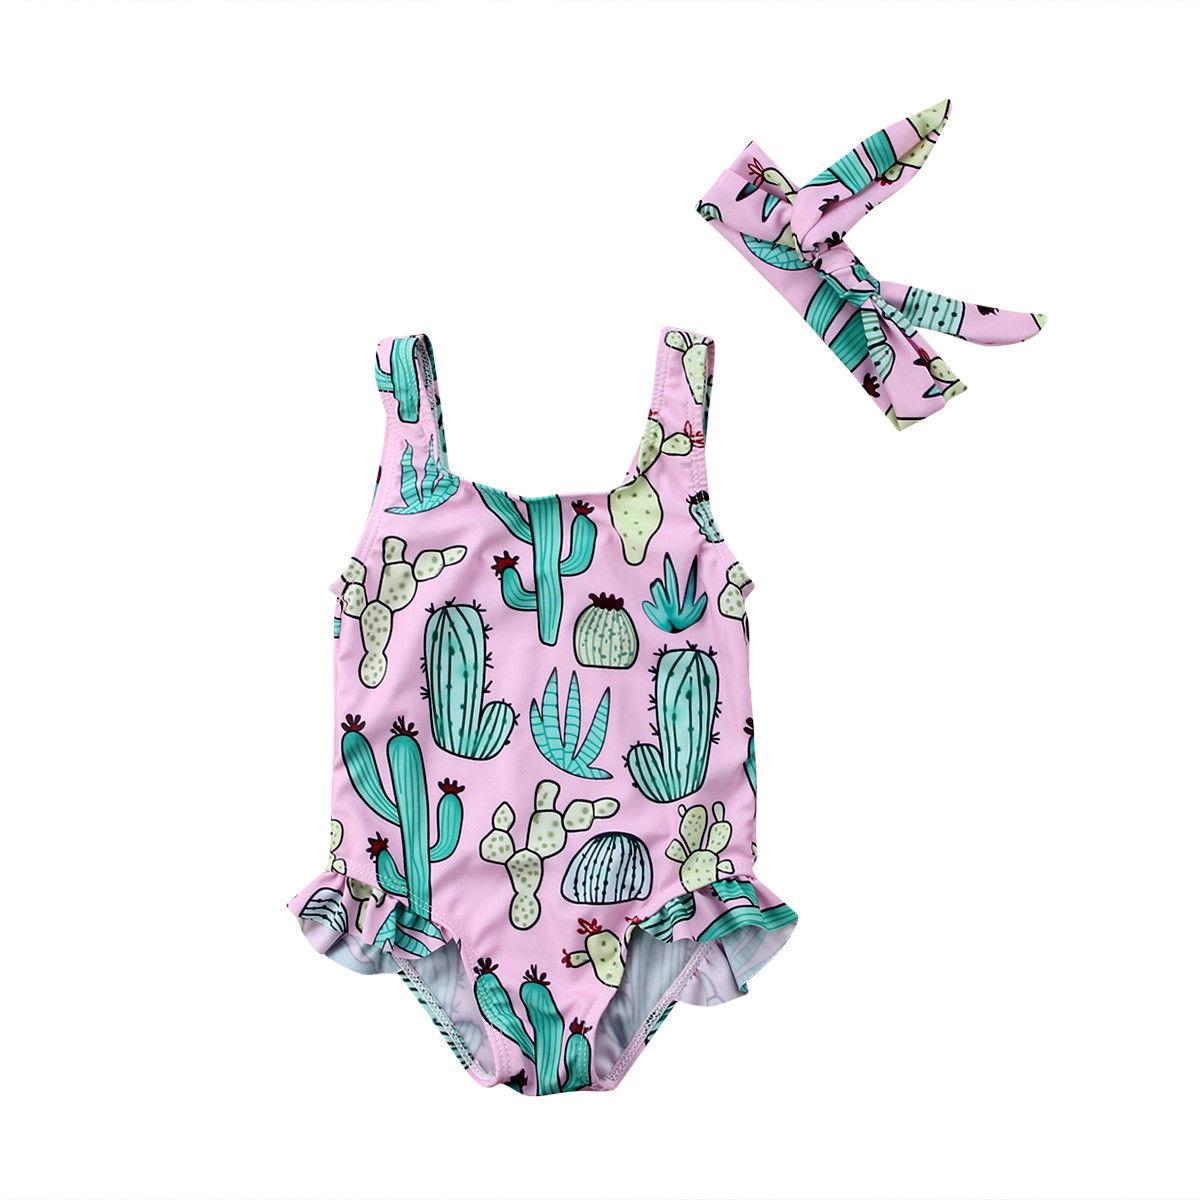 0-3y Pasgeboren Peuter Kids Baby Meisje Zomer Badpak Cactus Print Badmode Beachwear Romper Hoofdband 2 Stks Infantil Meisjes Kleding